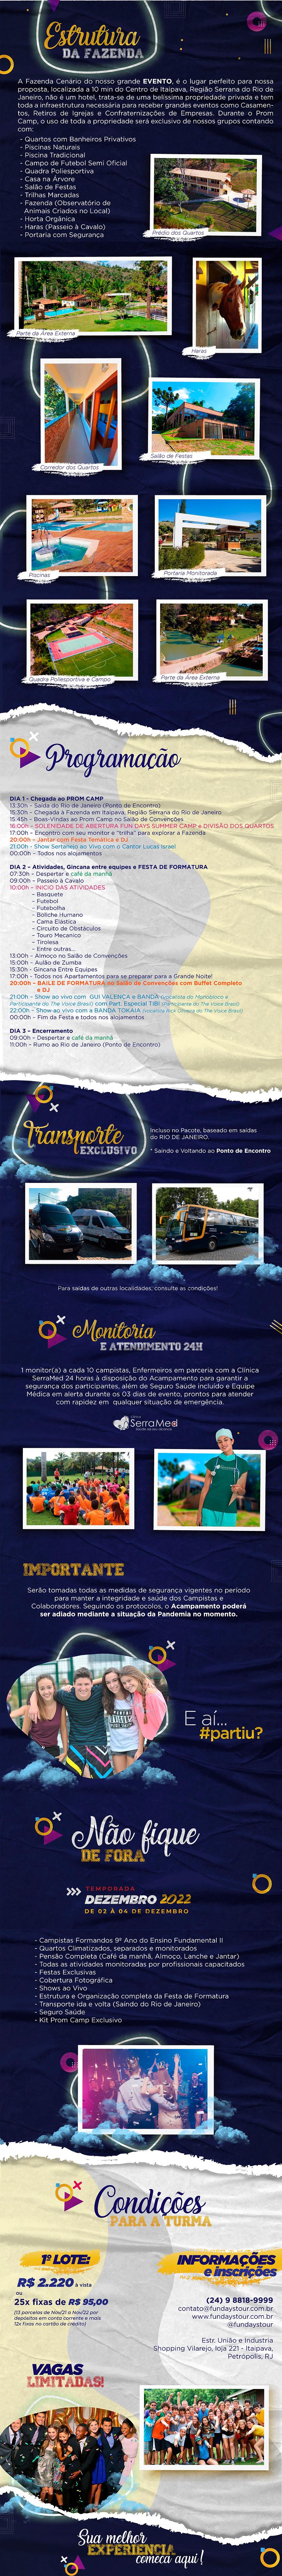 FORMATURA - 29-09-02.jpg